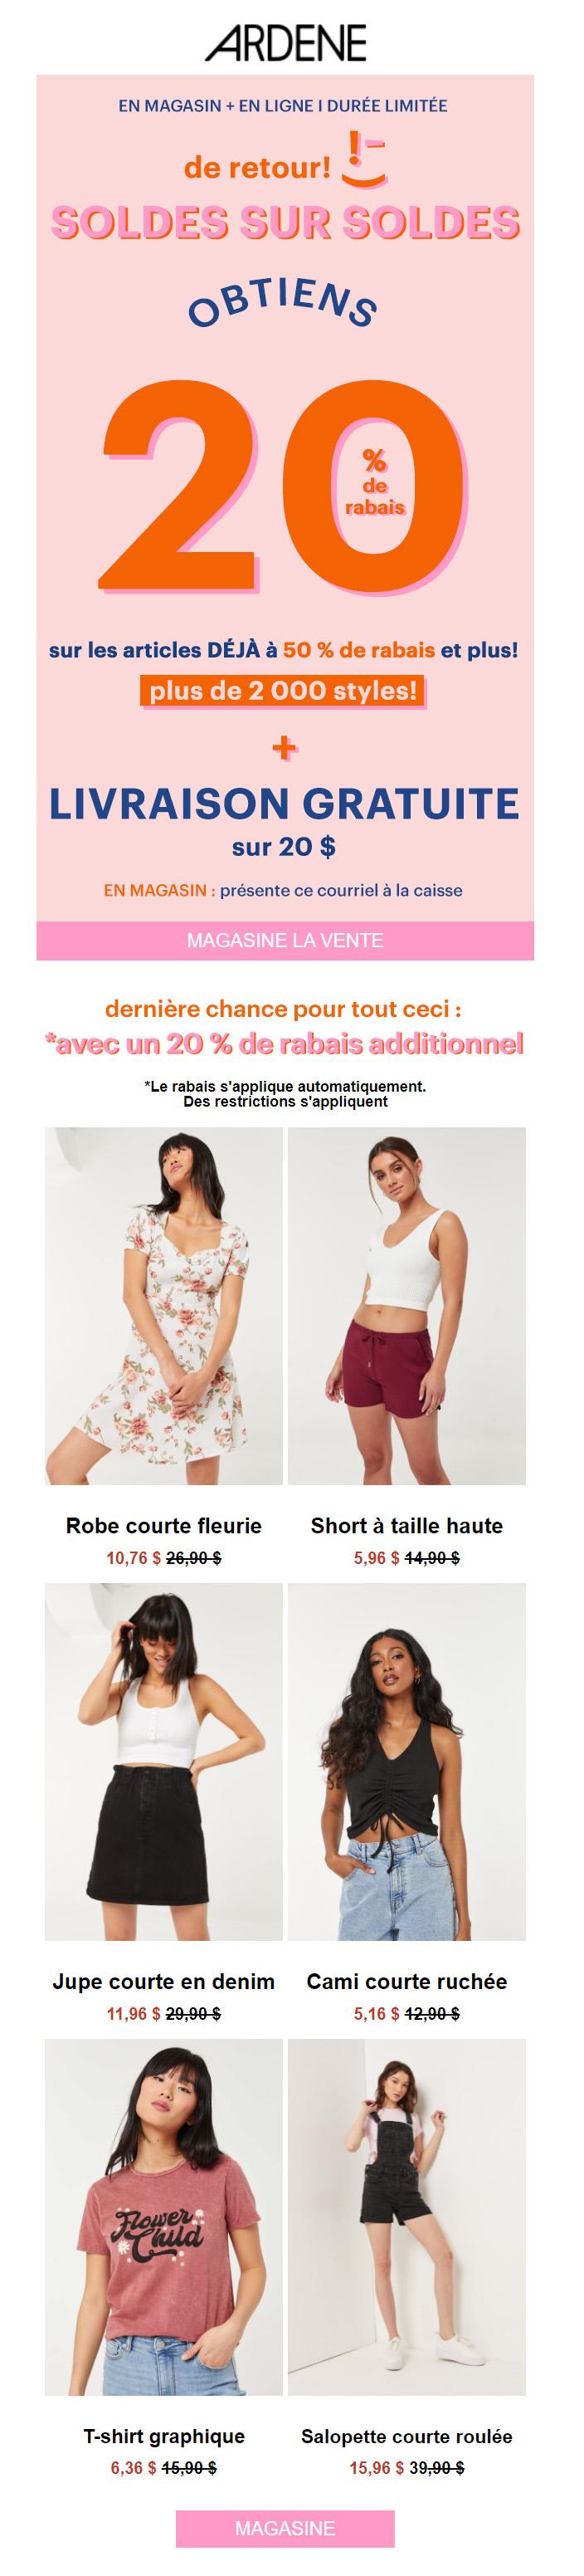 Retour Des Soldes Sur Soldes + Liv. 0 $